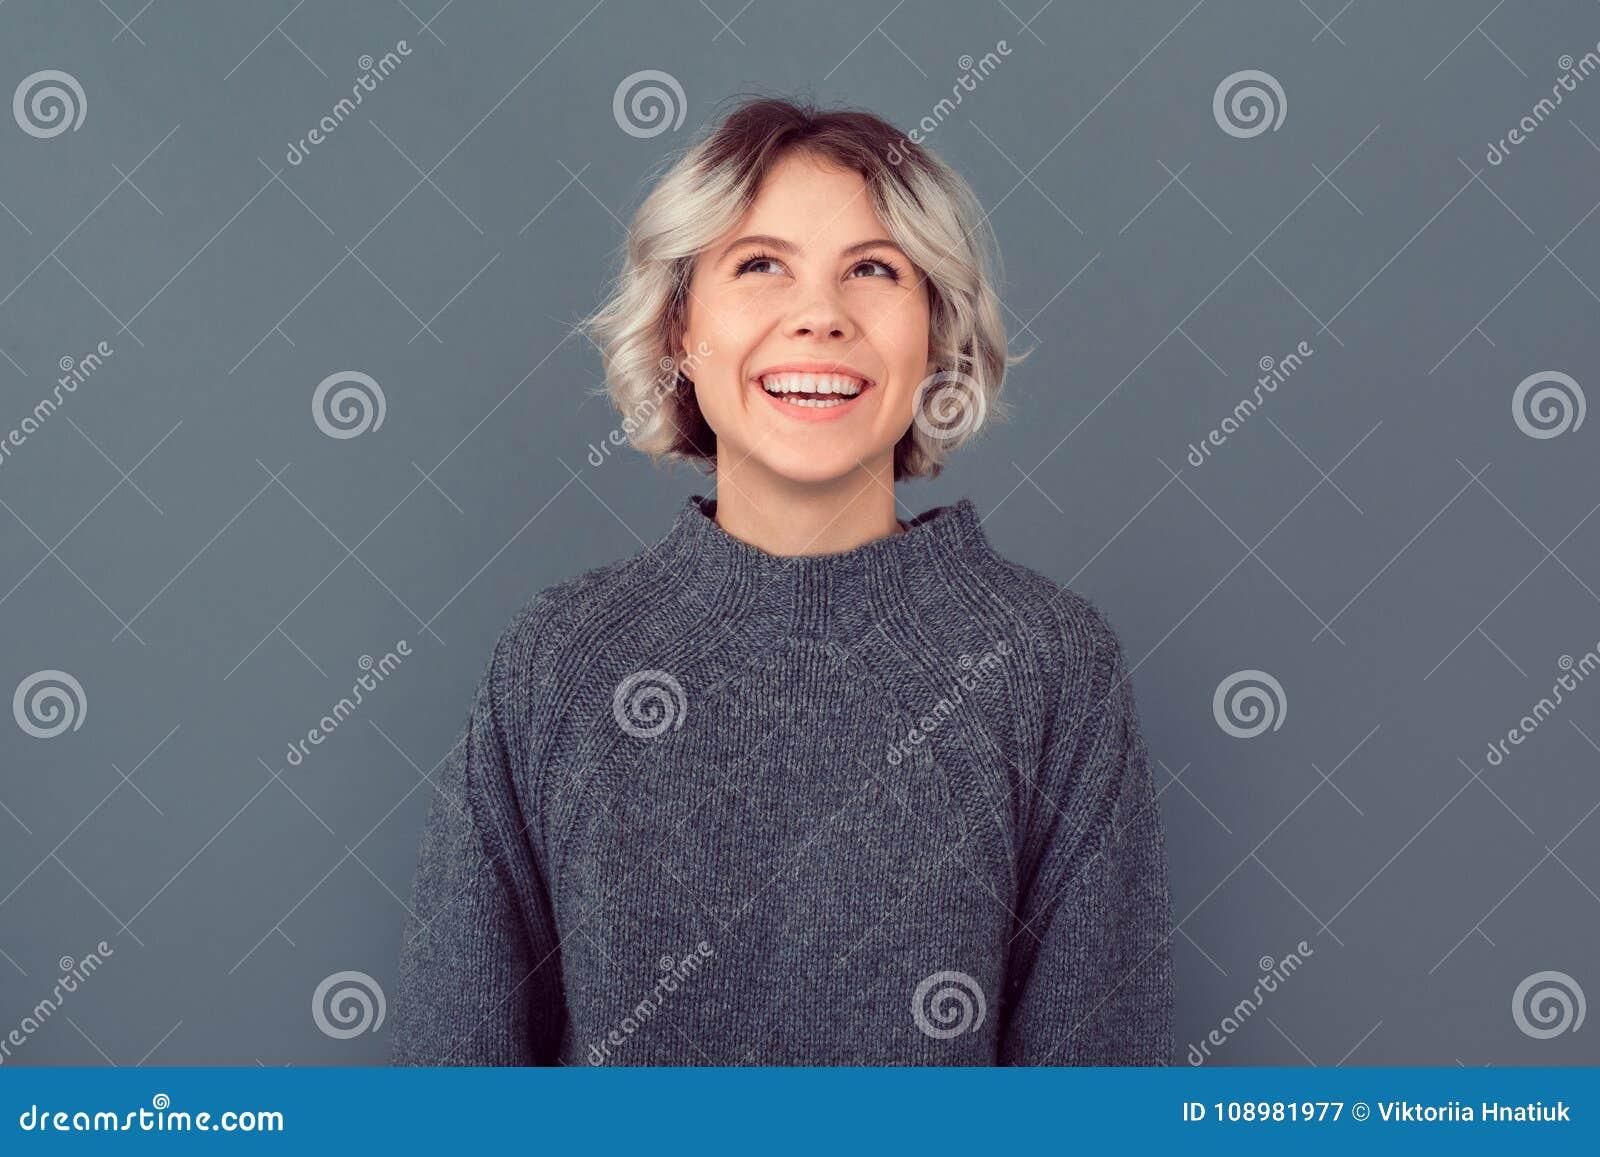 Junge Frau in einem grauen Strickjackenstudiobild lokalisiert auf dem grauen Hintergrund, der oben schaut